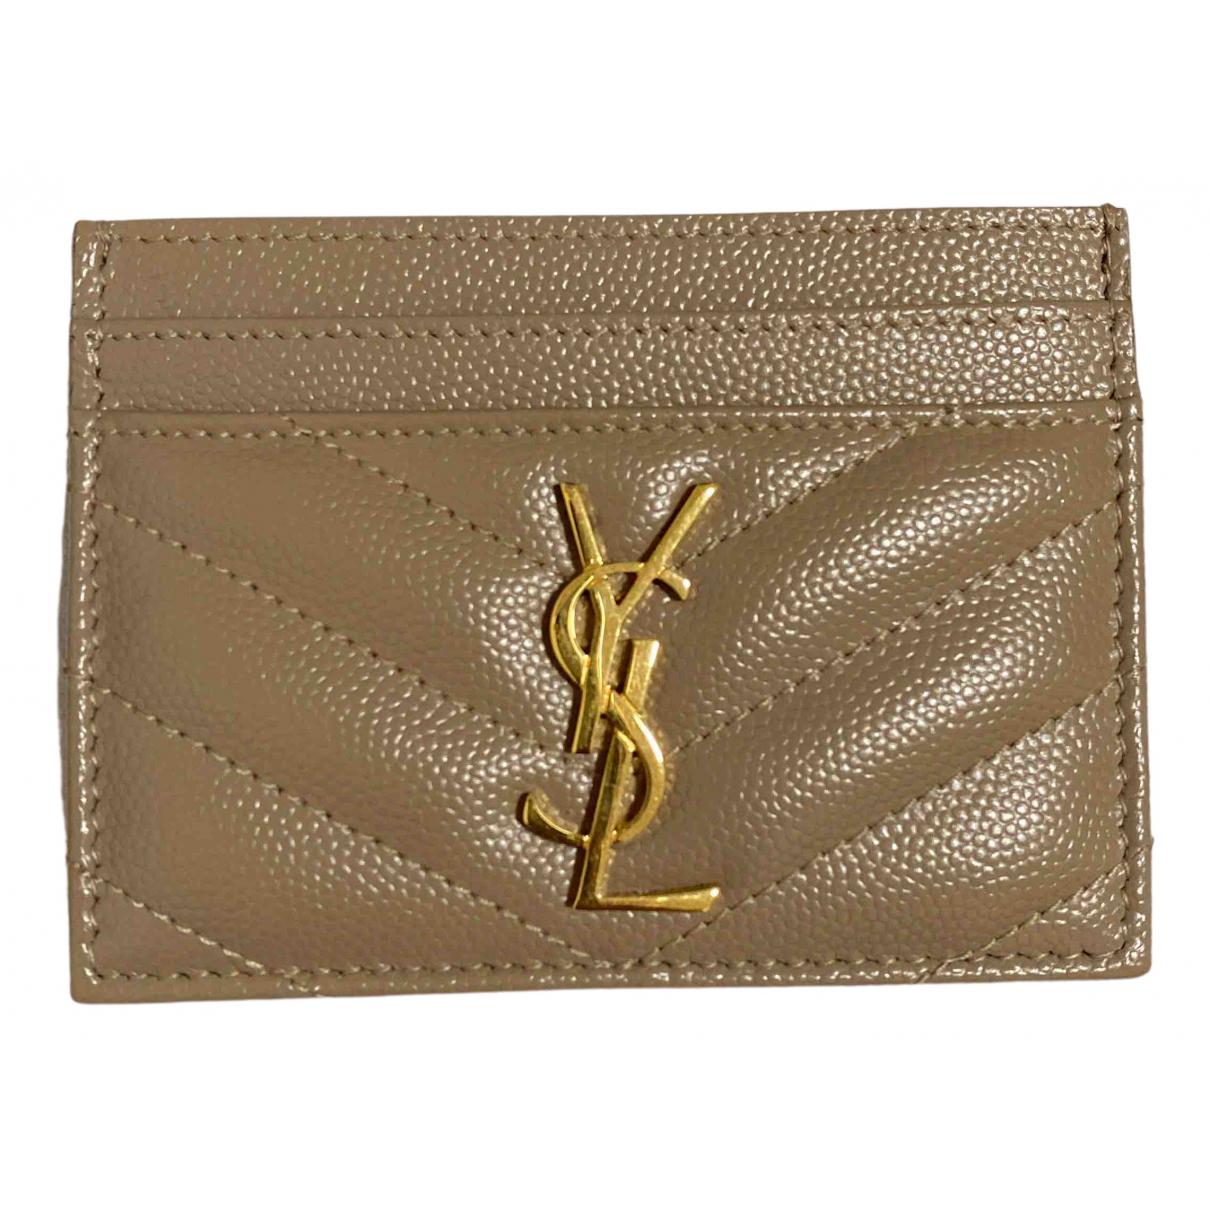 Saint Laurent Monogramme Beige Leather Purses, wallet & cases for Women \N